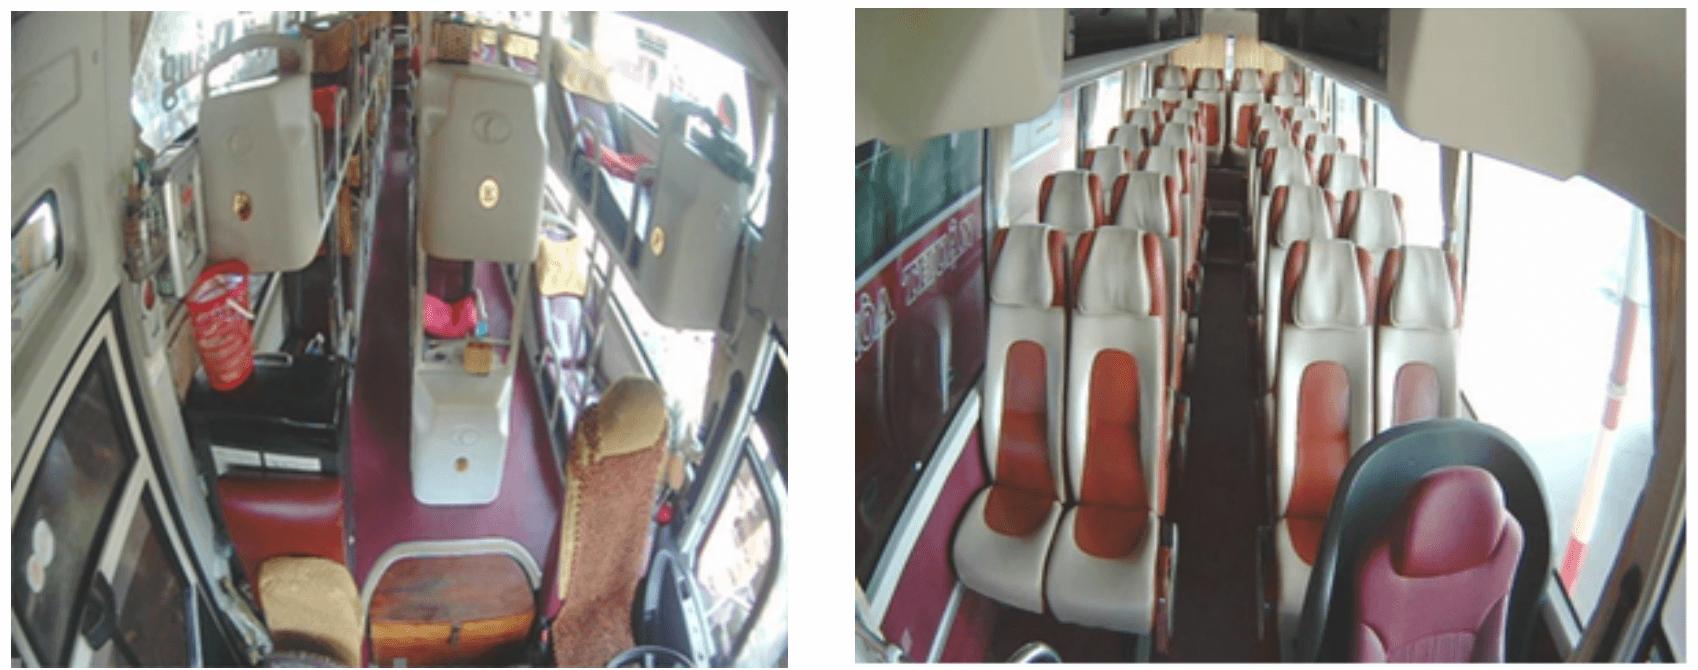 vị trí lắp đặt camera quan sát khoang hành khách, camera nghị định 10